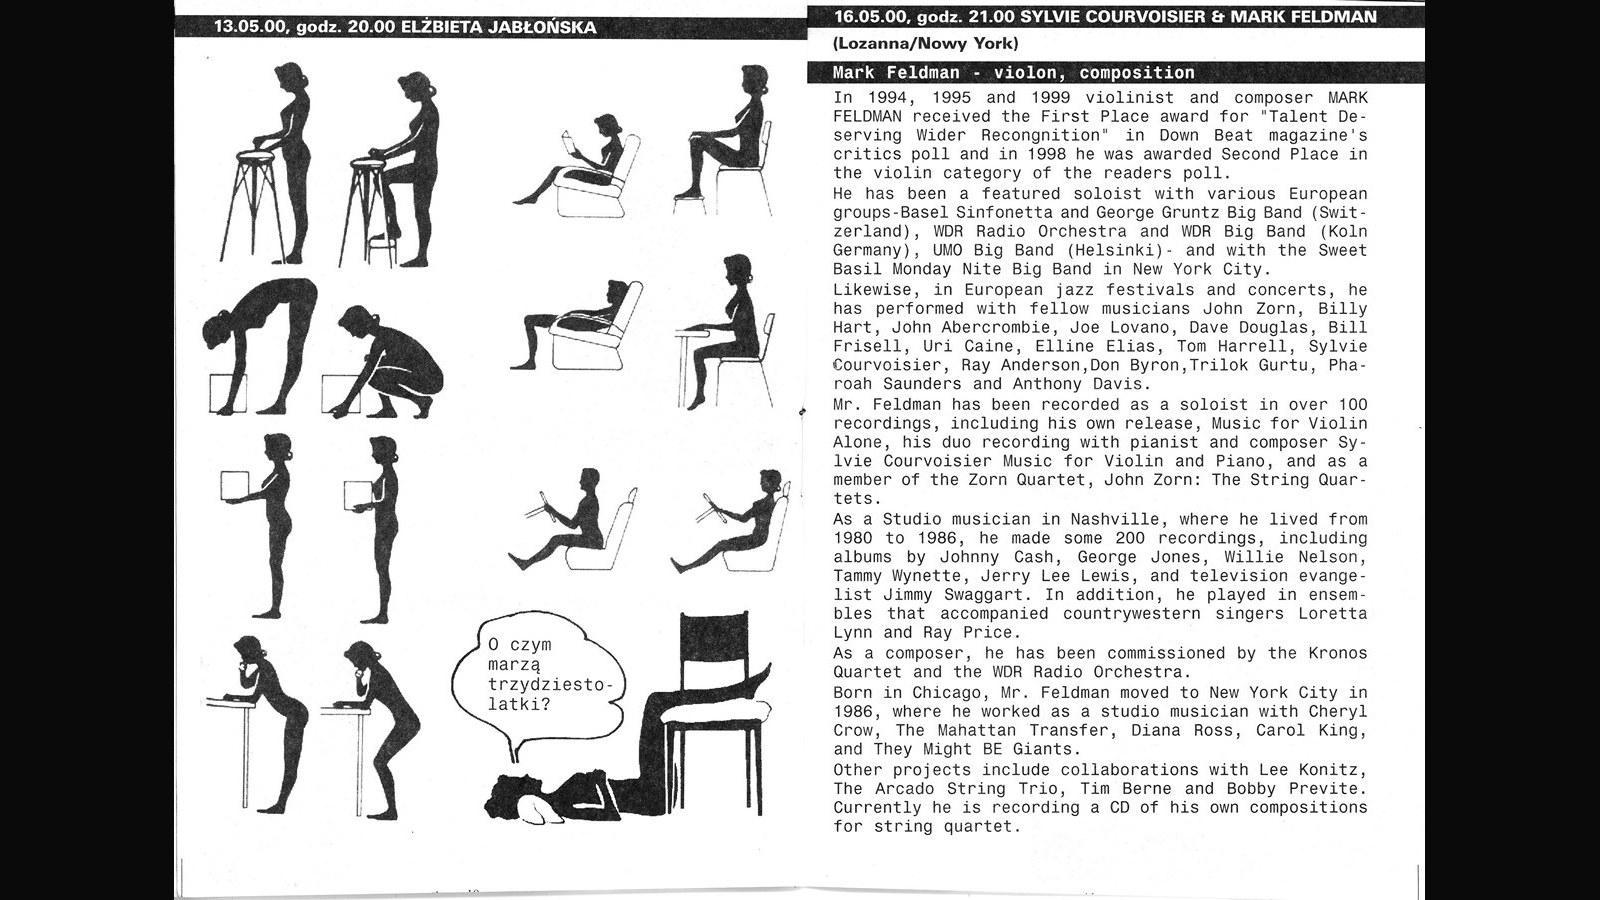 http://mozg.nazwa.pl/mozg_art_pl/archiwum/import/zbyziel/program-2000-wiosna-006.jpg